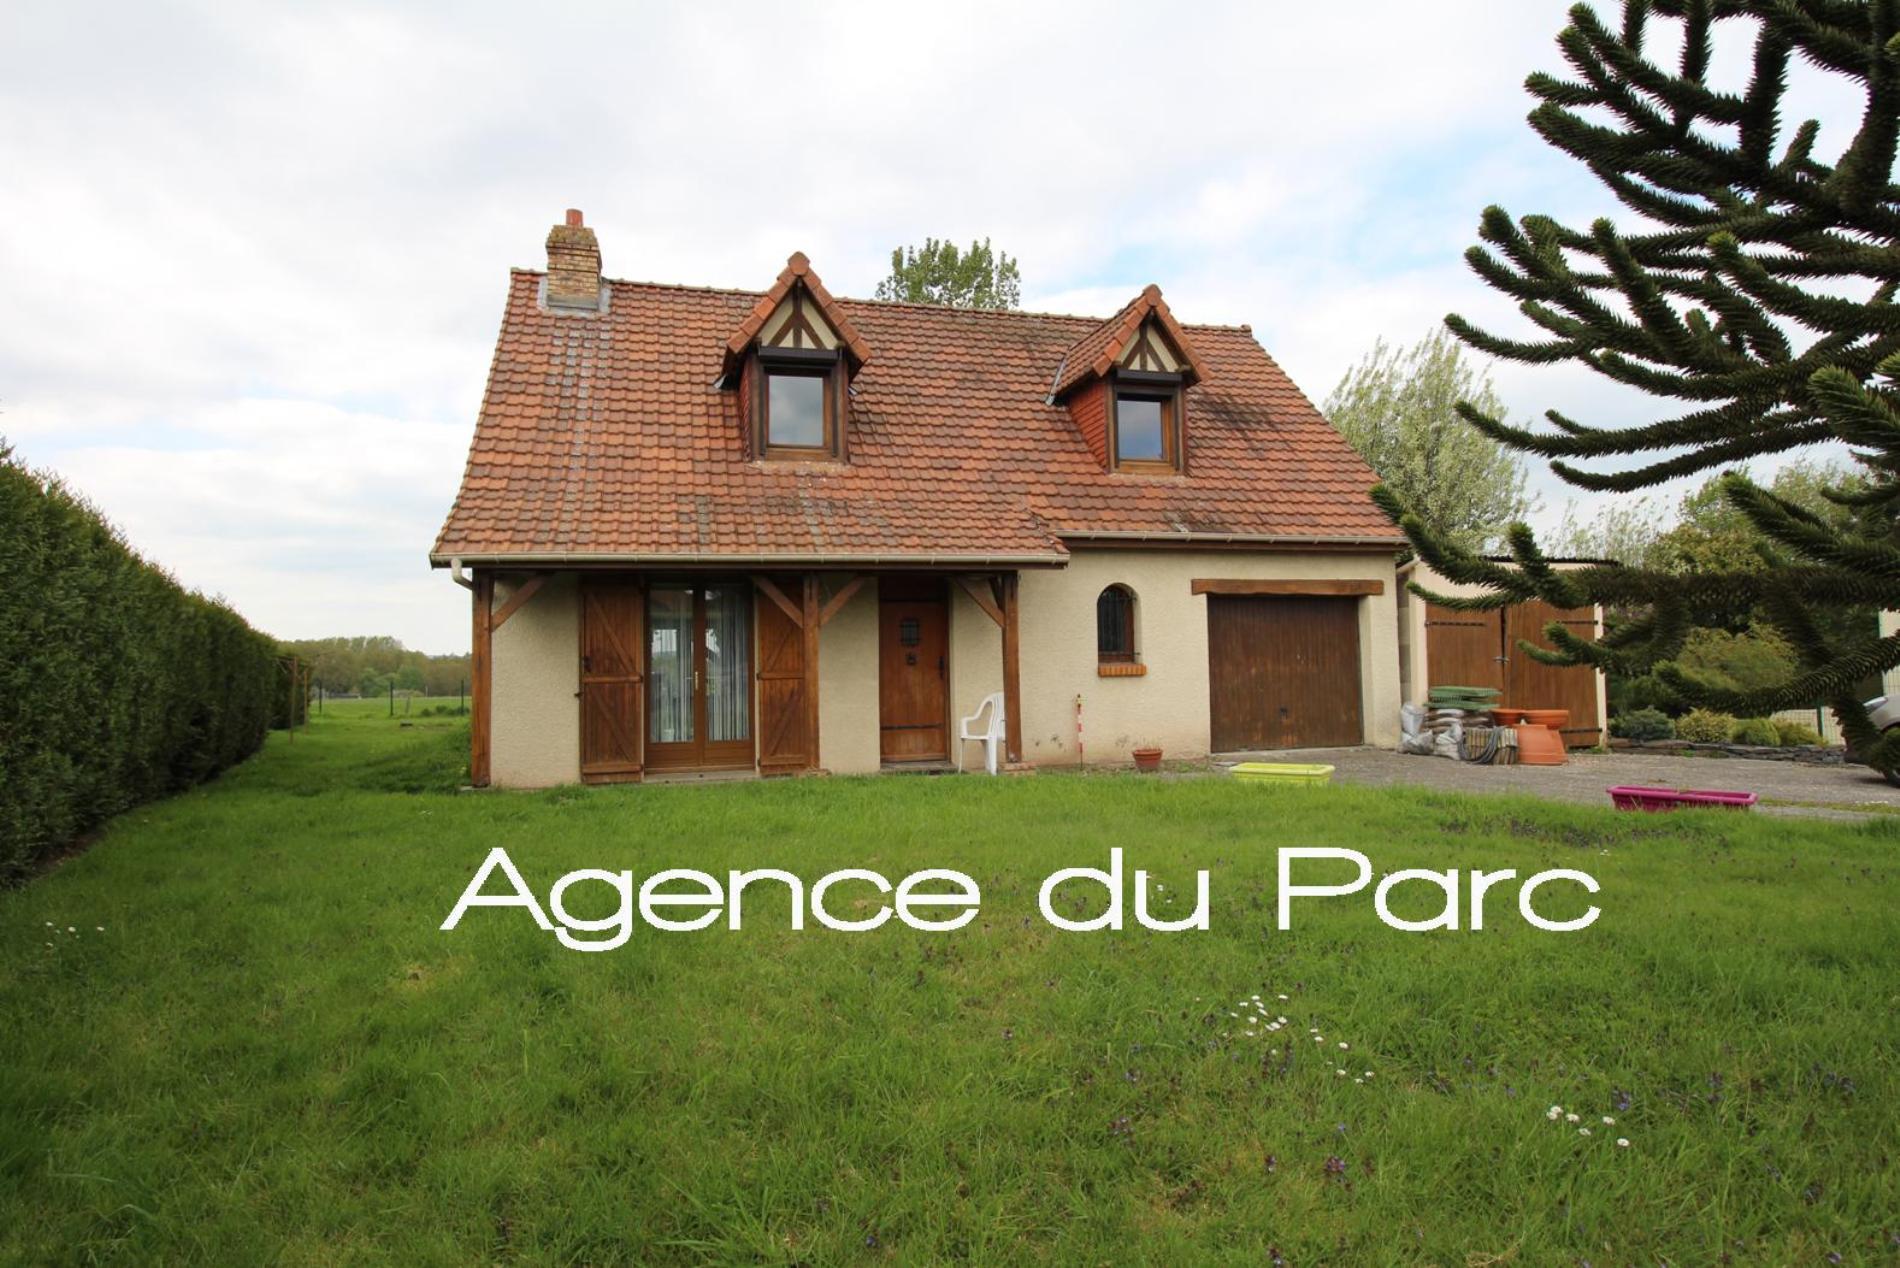 Acheter vente d 39 une maison individuelle axe caudebec en for Acheter une maison par agence immobiliere